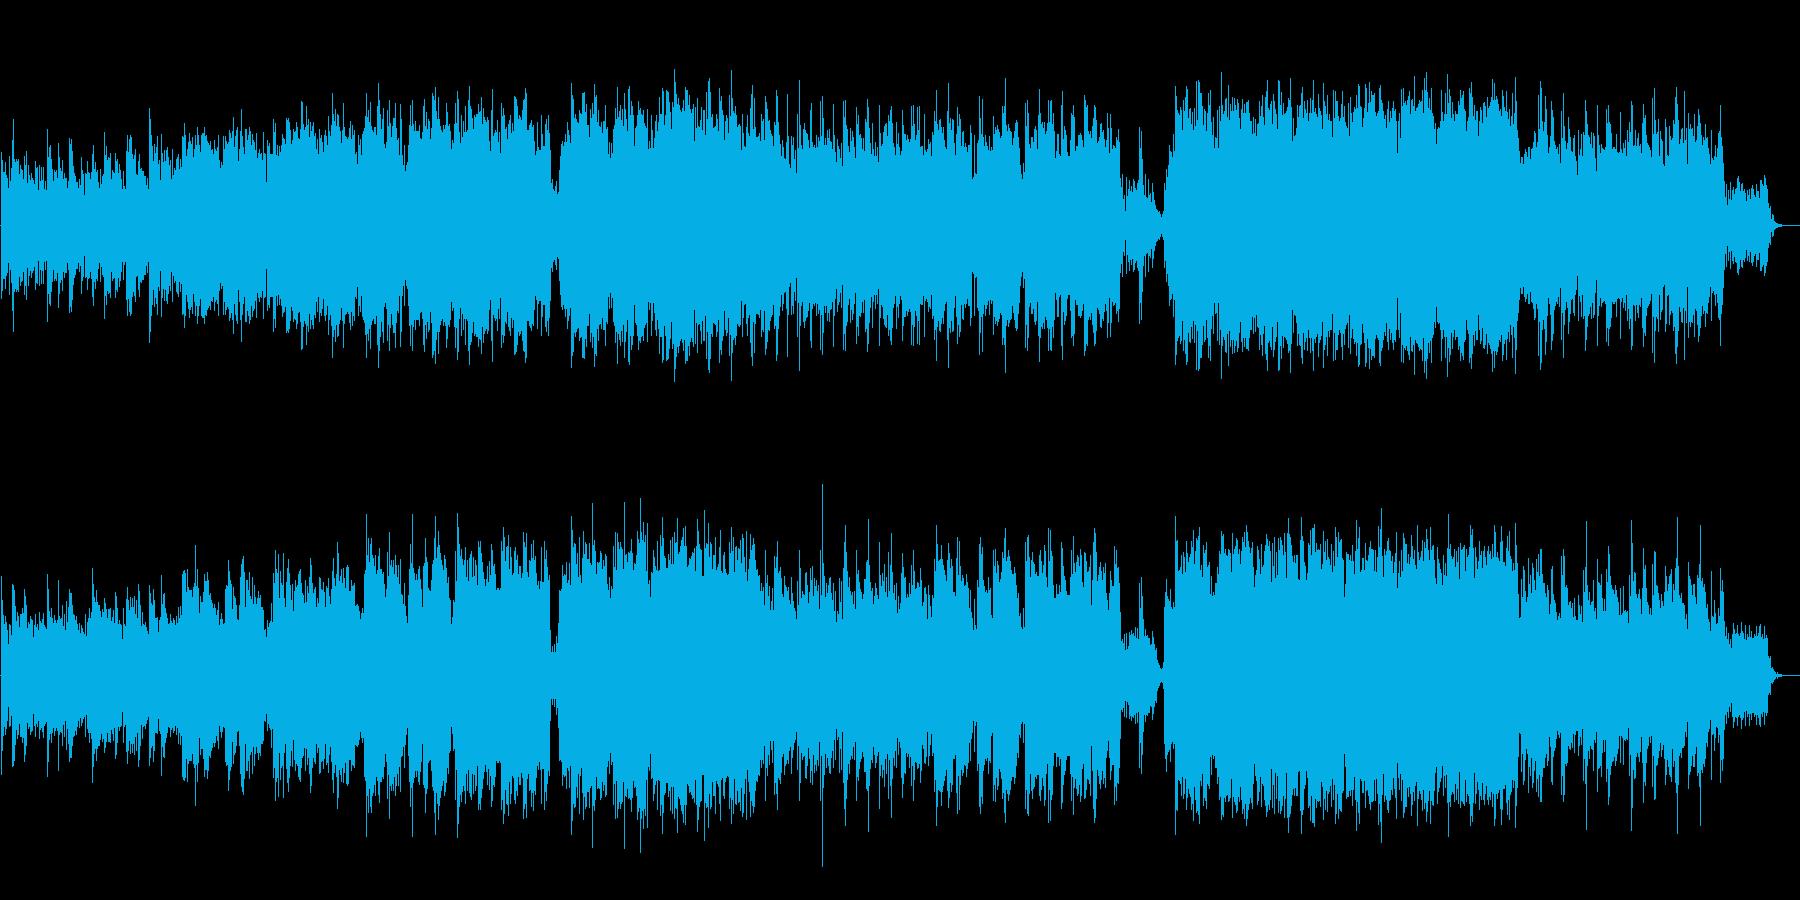 和楽器!紀行番組エンディング感動バラードの再生済みの波形